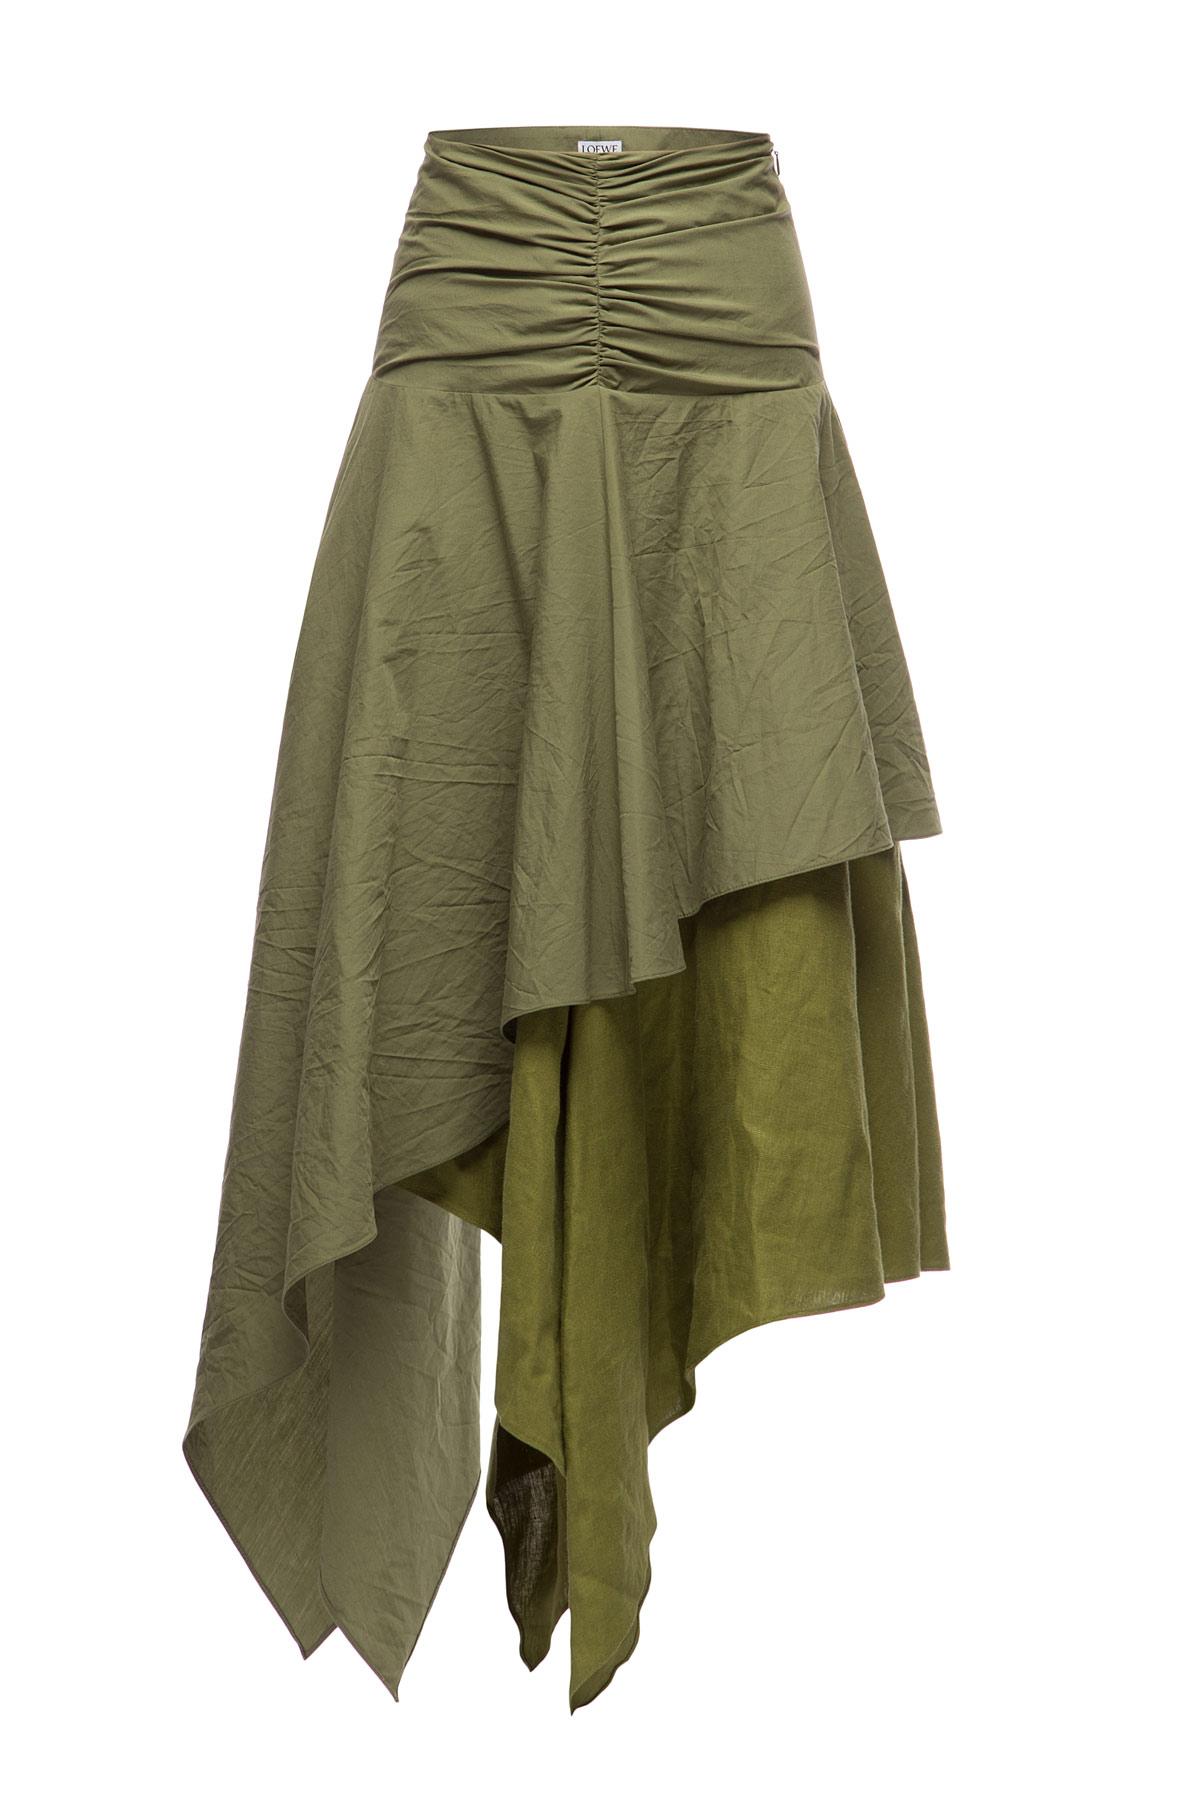 LOEWE Asymmetric Skirt Verde Kaki front